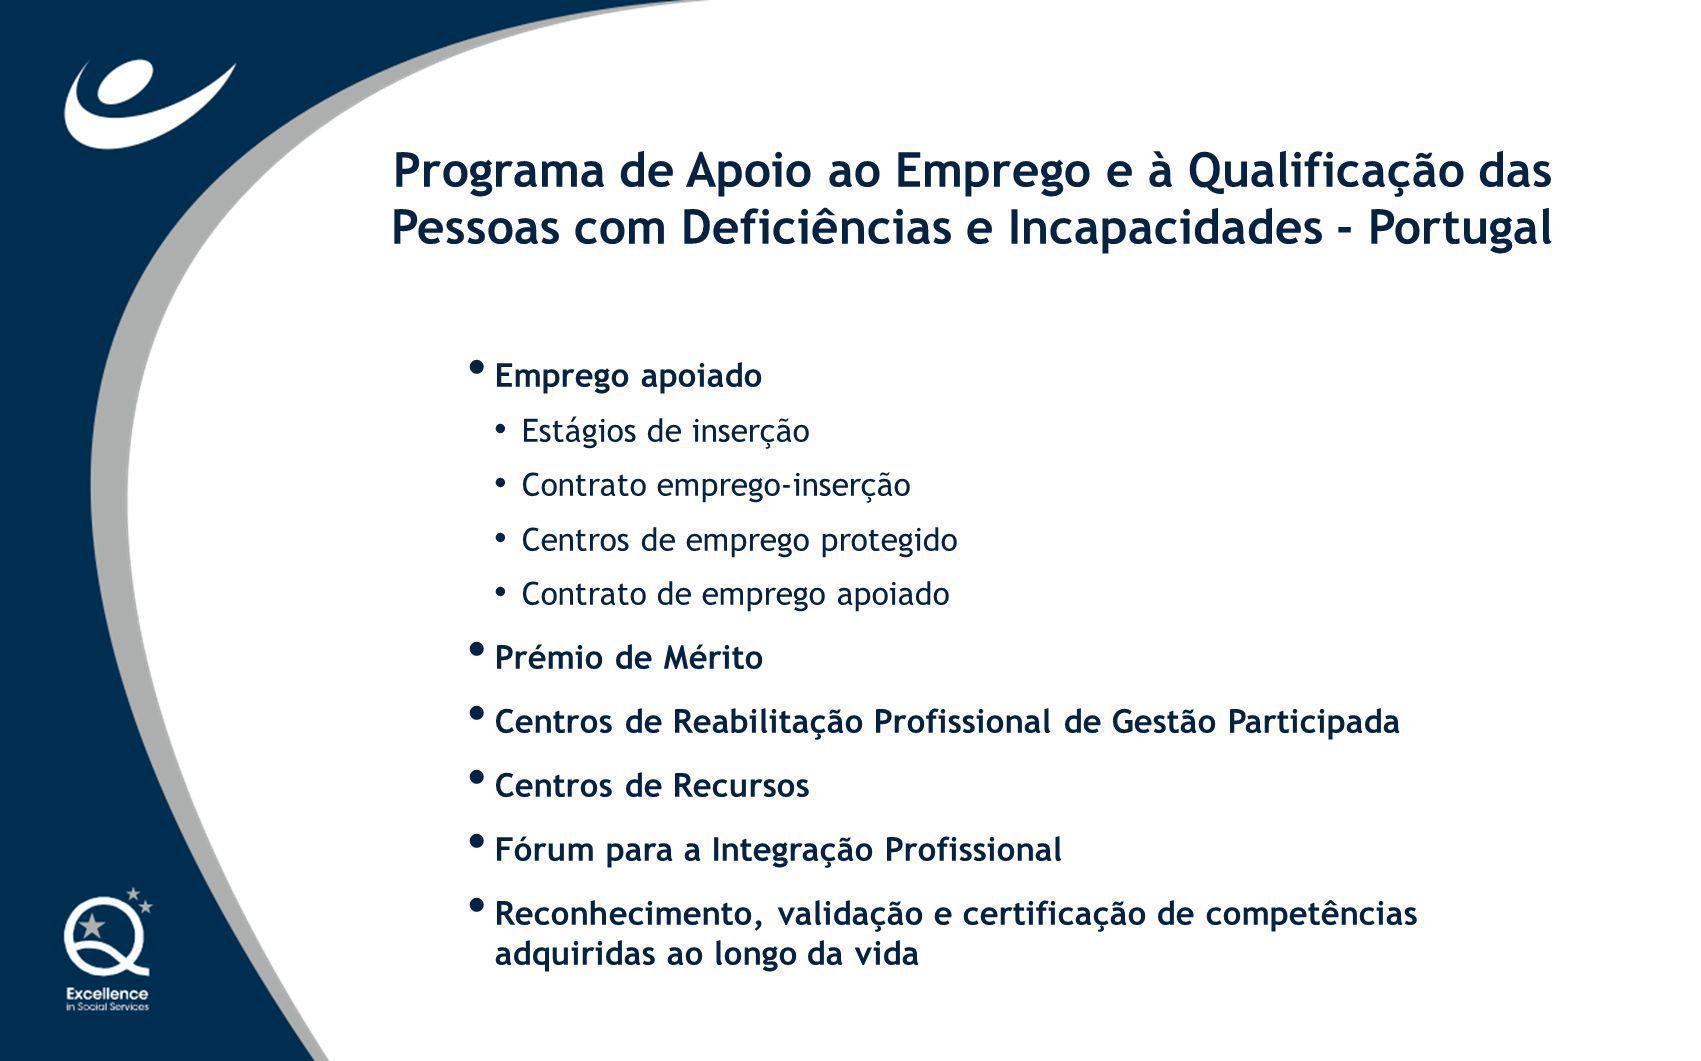 Emprego apoiado Estágios de inserção Contrato emprego-inserção Centros de emprego protegido Contrato de emprego apoiado Prémio de Mérito Centros de Re